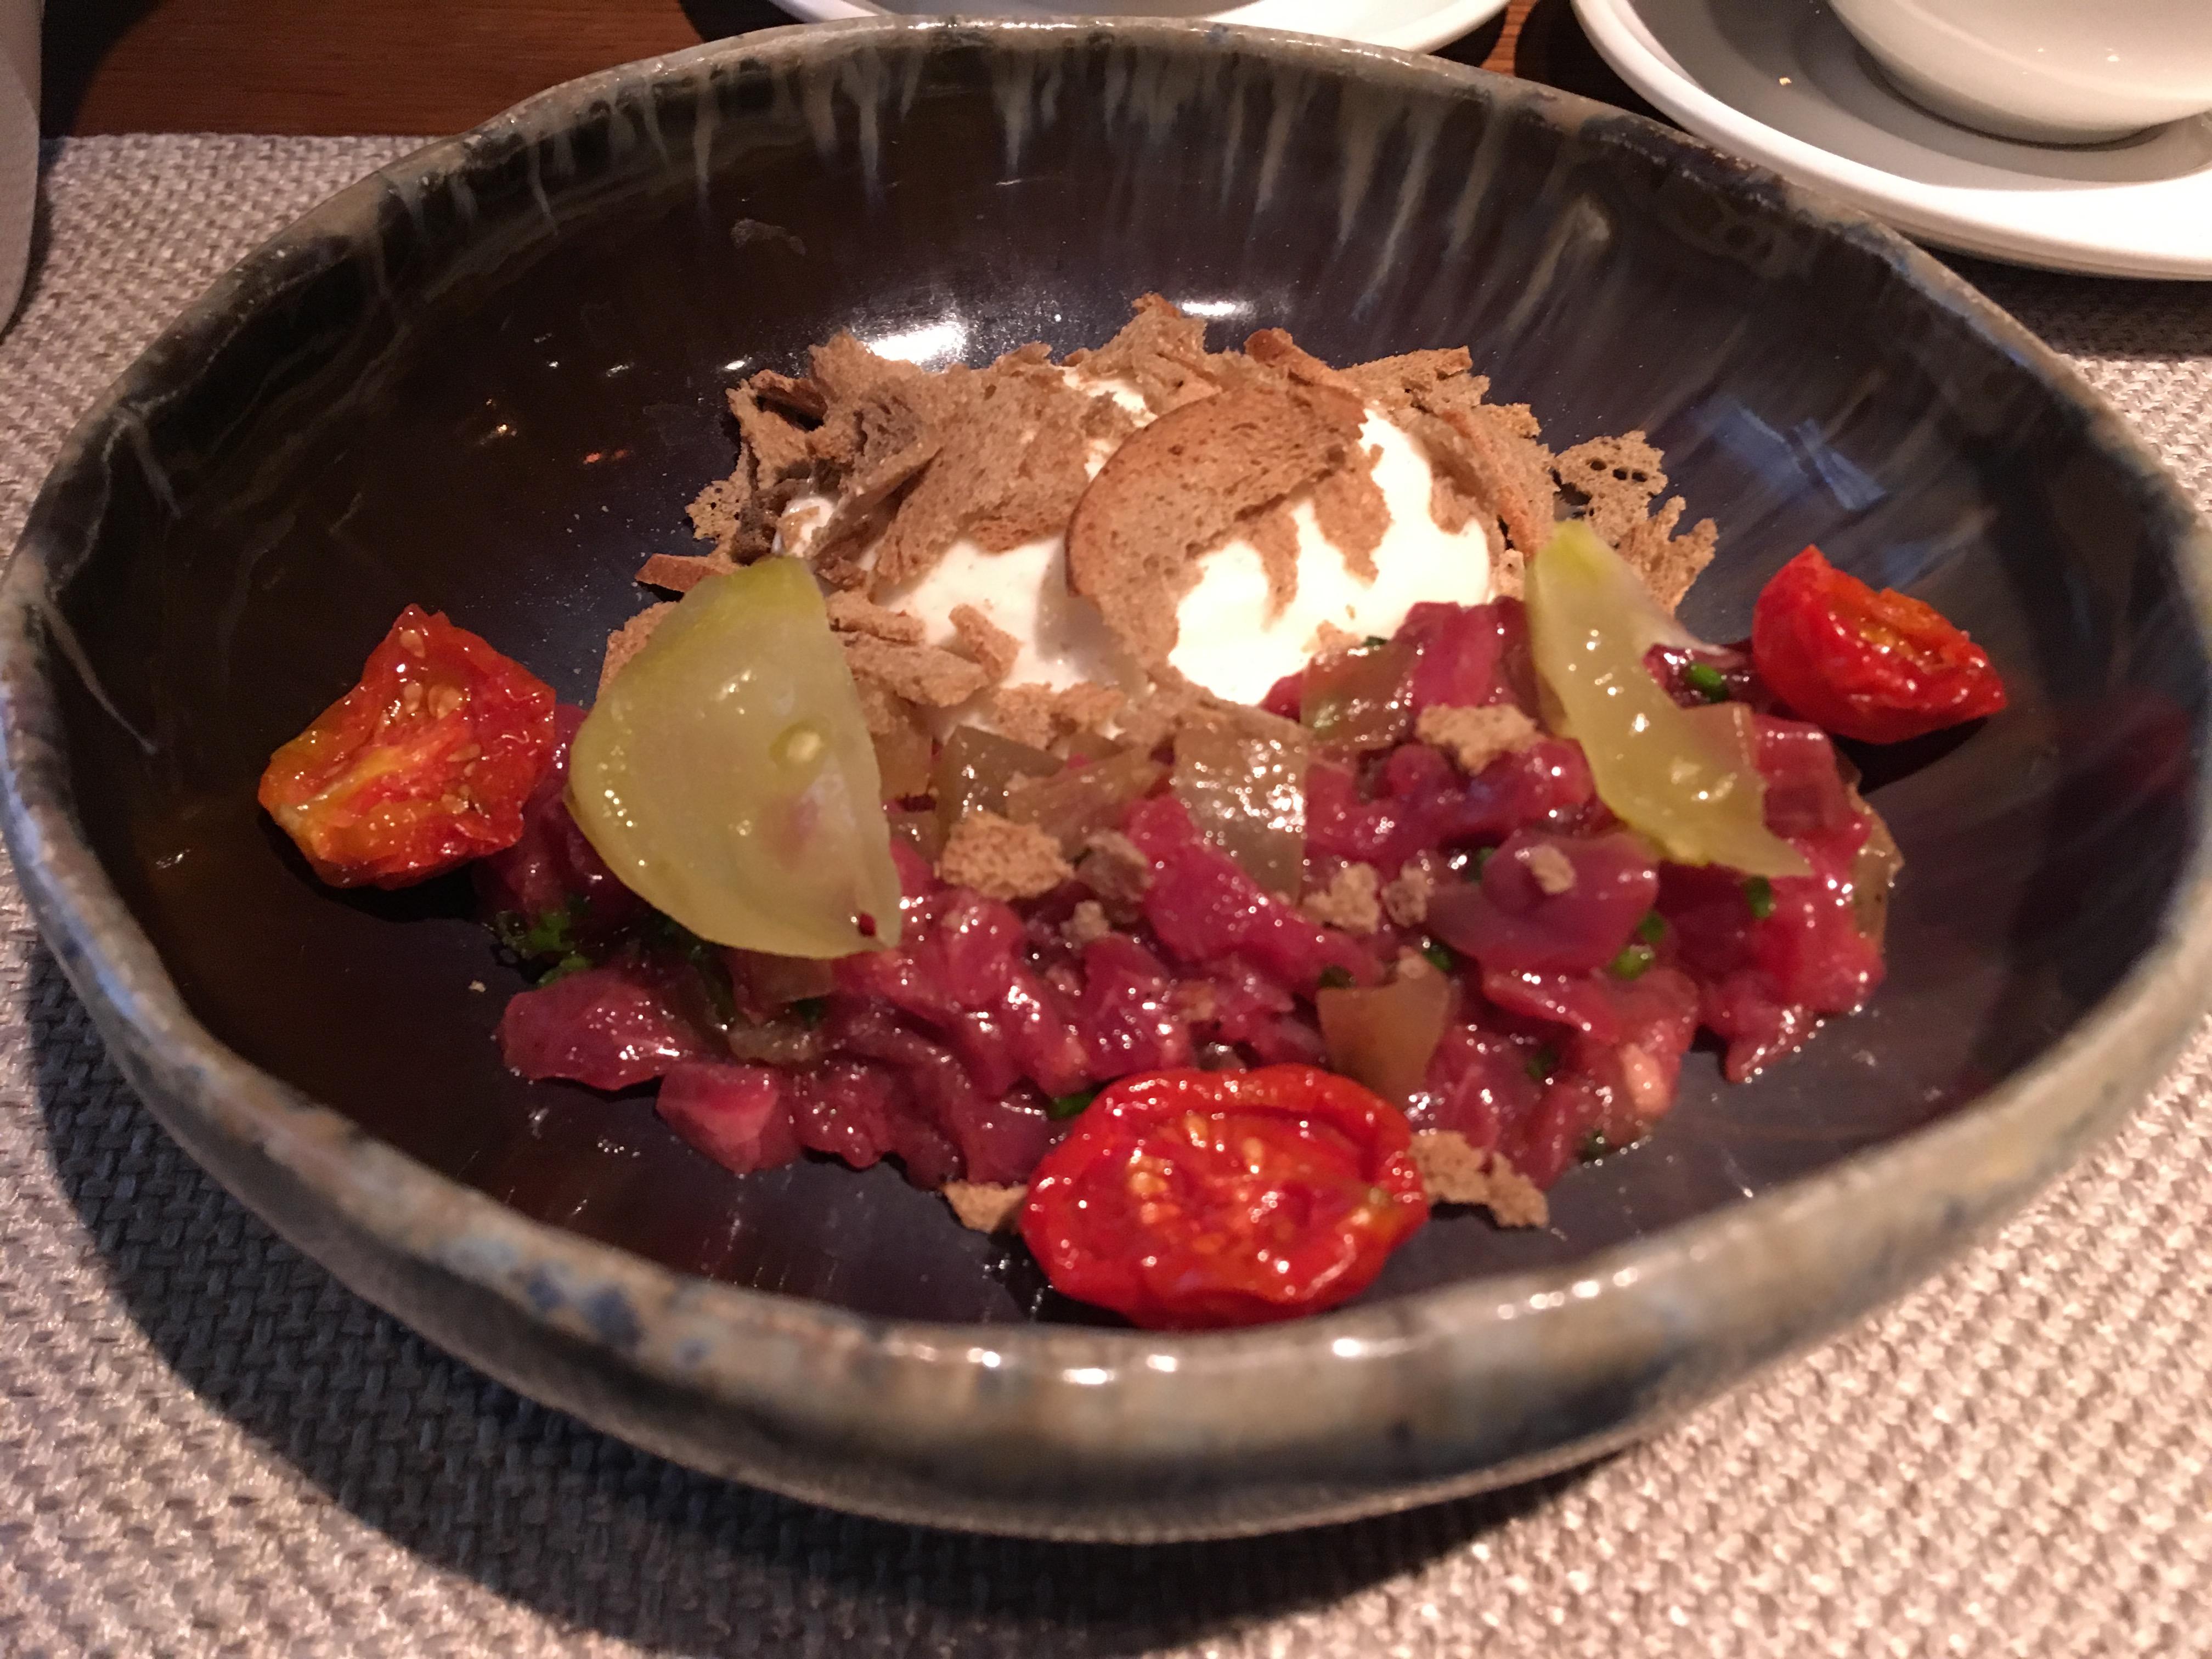 Тартар из говядины с маринованными зелеными томатами и муссом из сыра качотта в ресторане Schengen на Кирочной улице в Петербурге